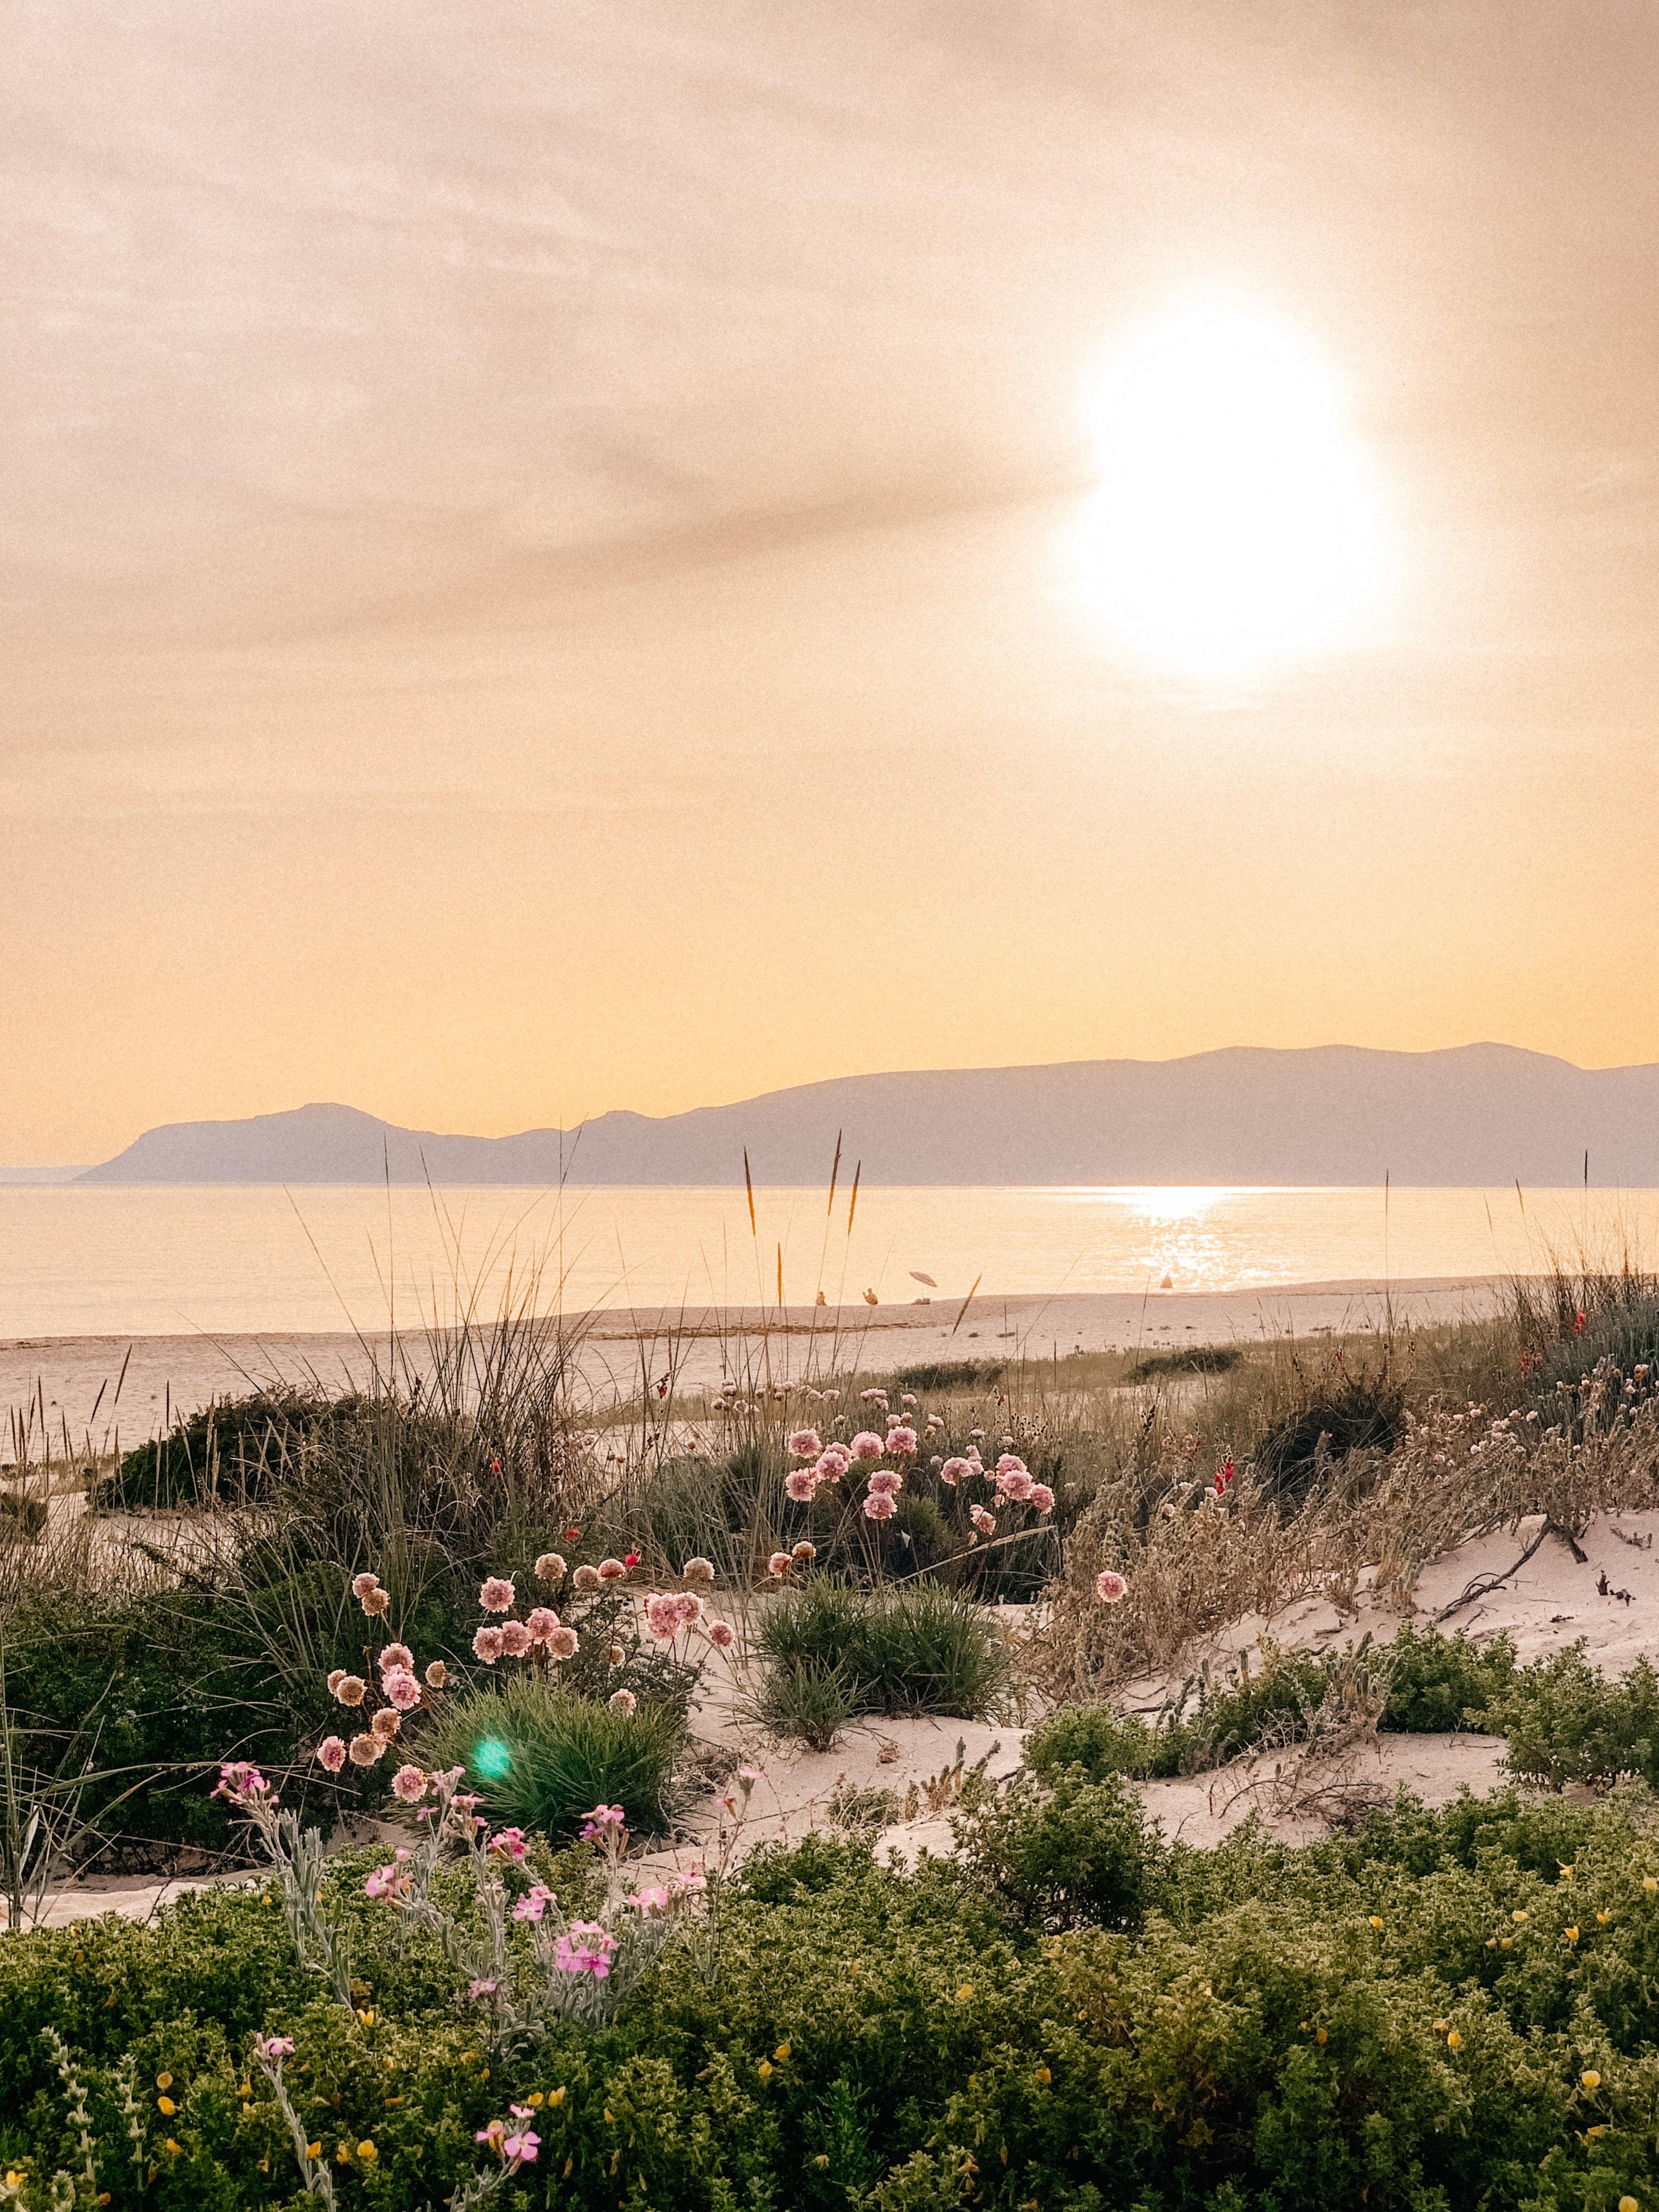 131259 скачать обои Природа, Растения, Пляж, Море, Горы, Цветы - заставки и картинки бесплатно